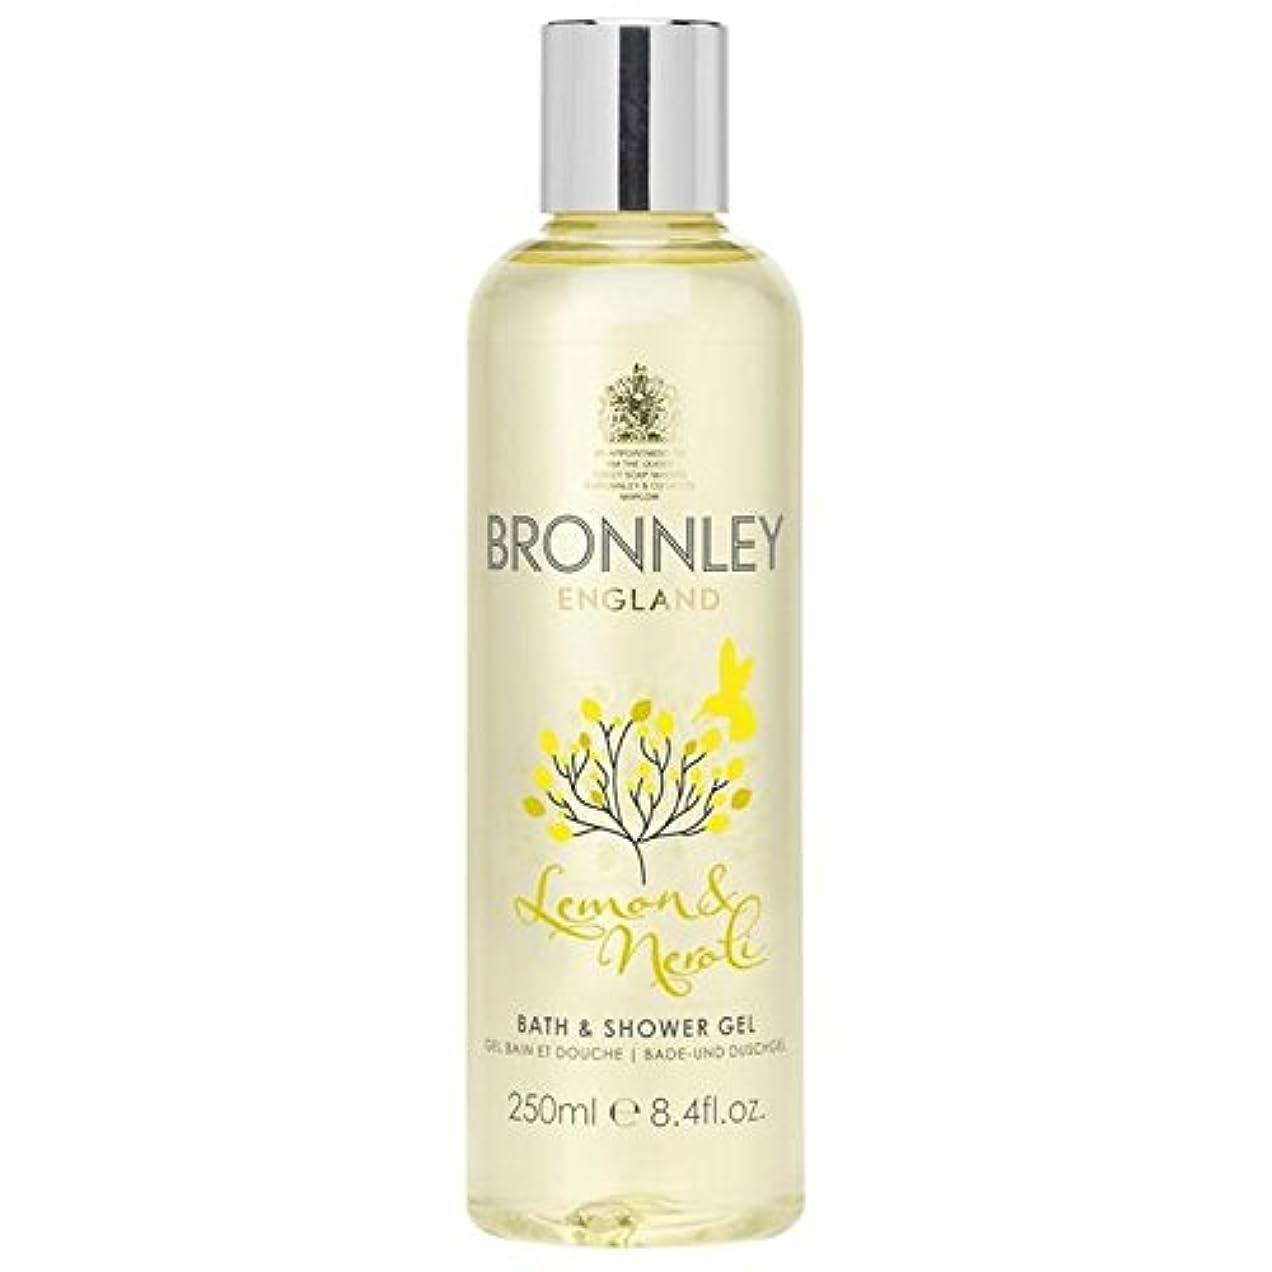 対応反論者ケイ素Bronnley Lemon & Neroli Bath & Shower Gel 250ml - レモン&ネロリバス&シャワージェル250ミリリットル [並行輸入品]